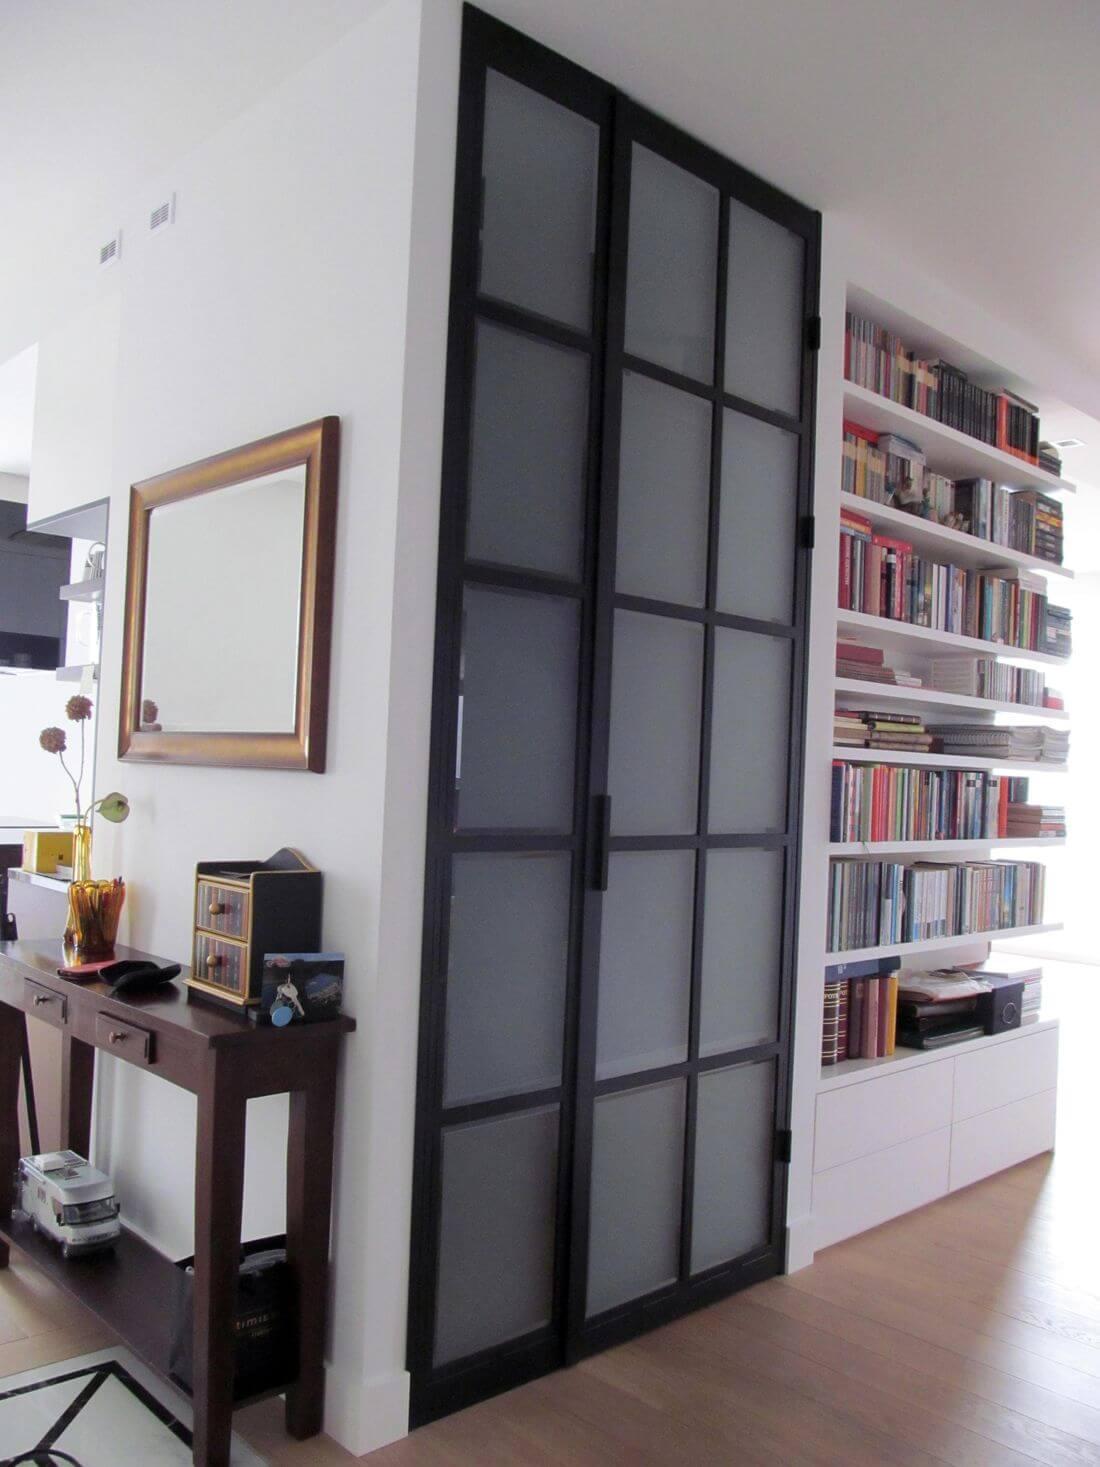 Puertas de Vidrio y Metal para los armarios o roperos de toda la habitación - cerradas